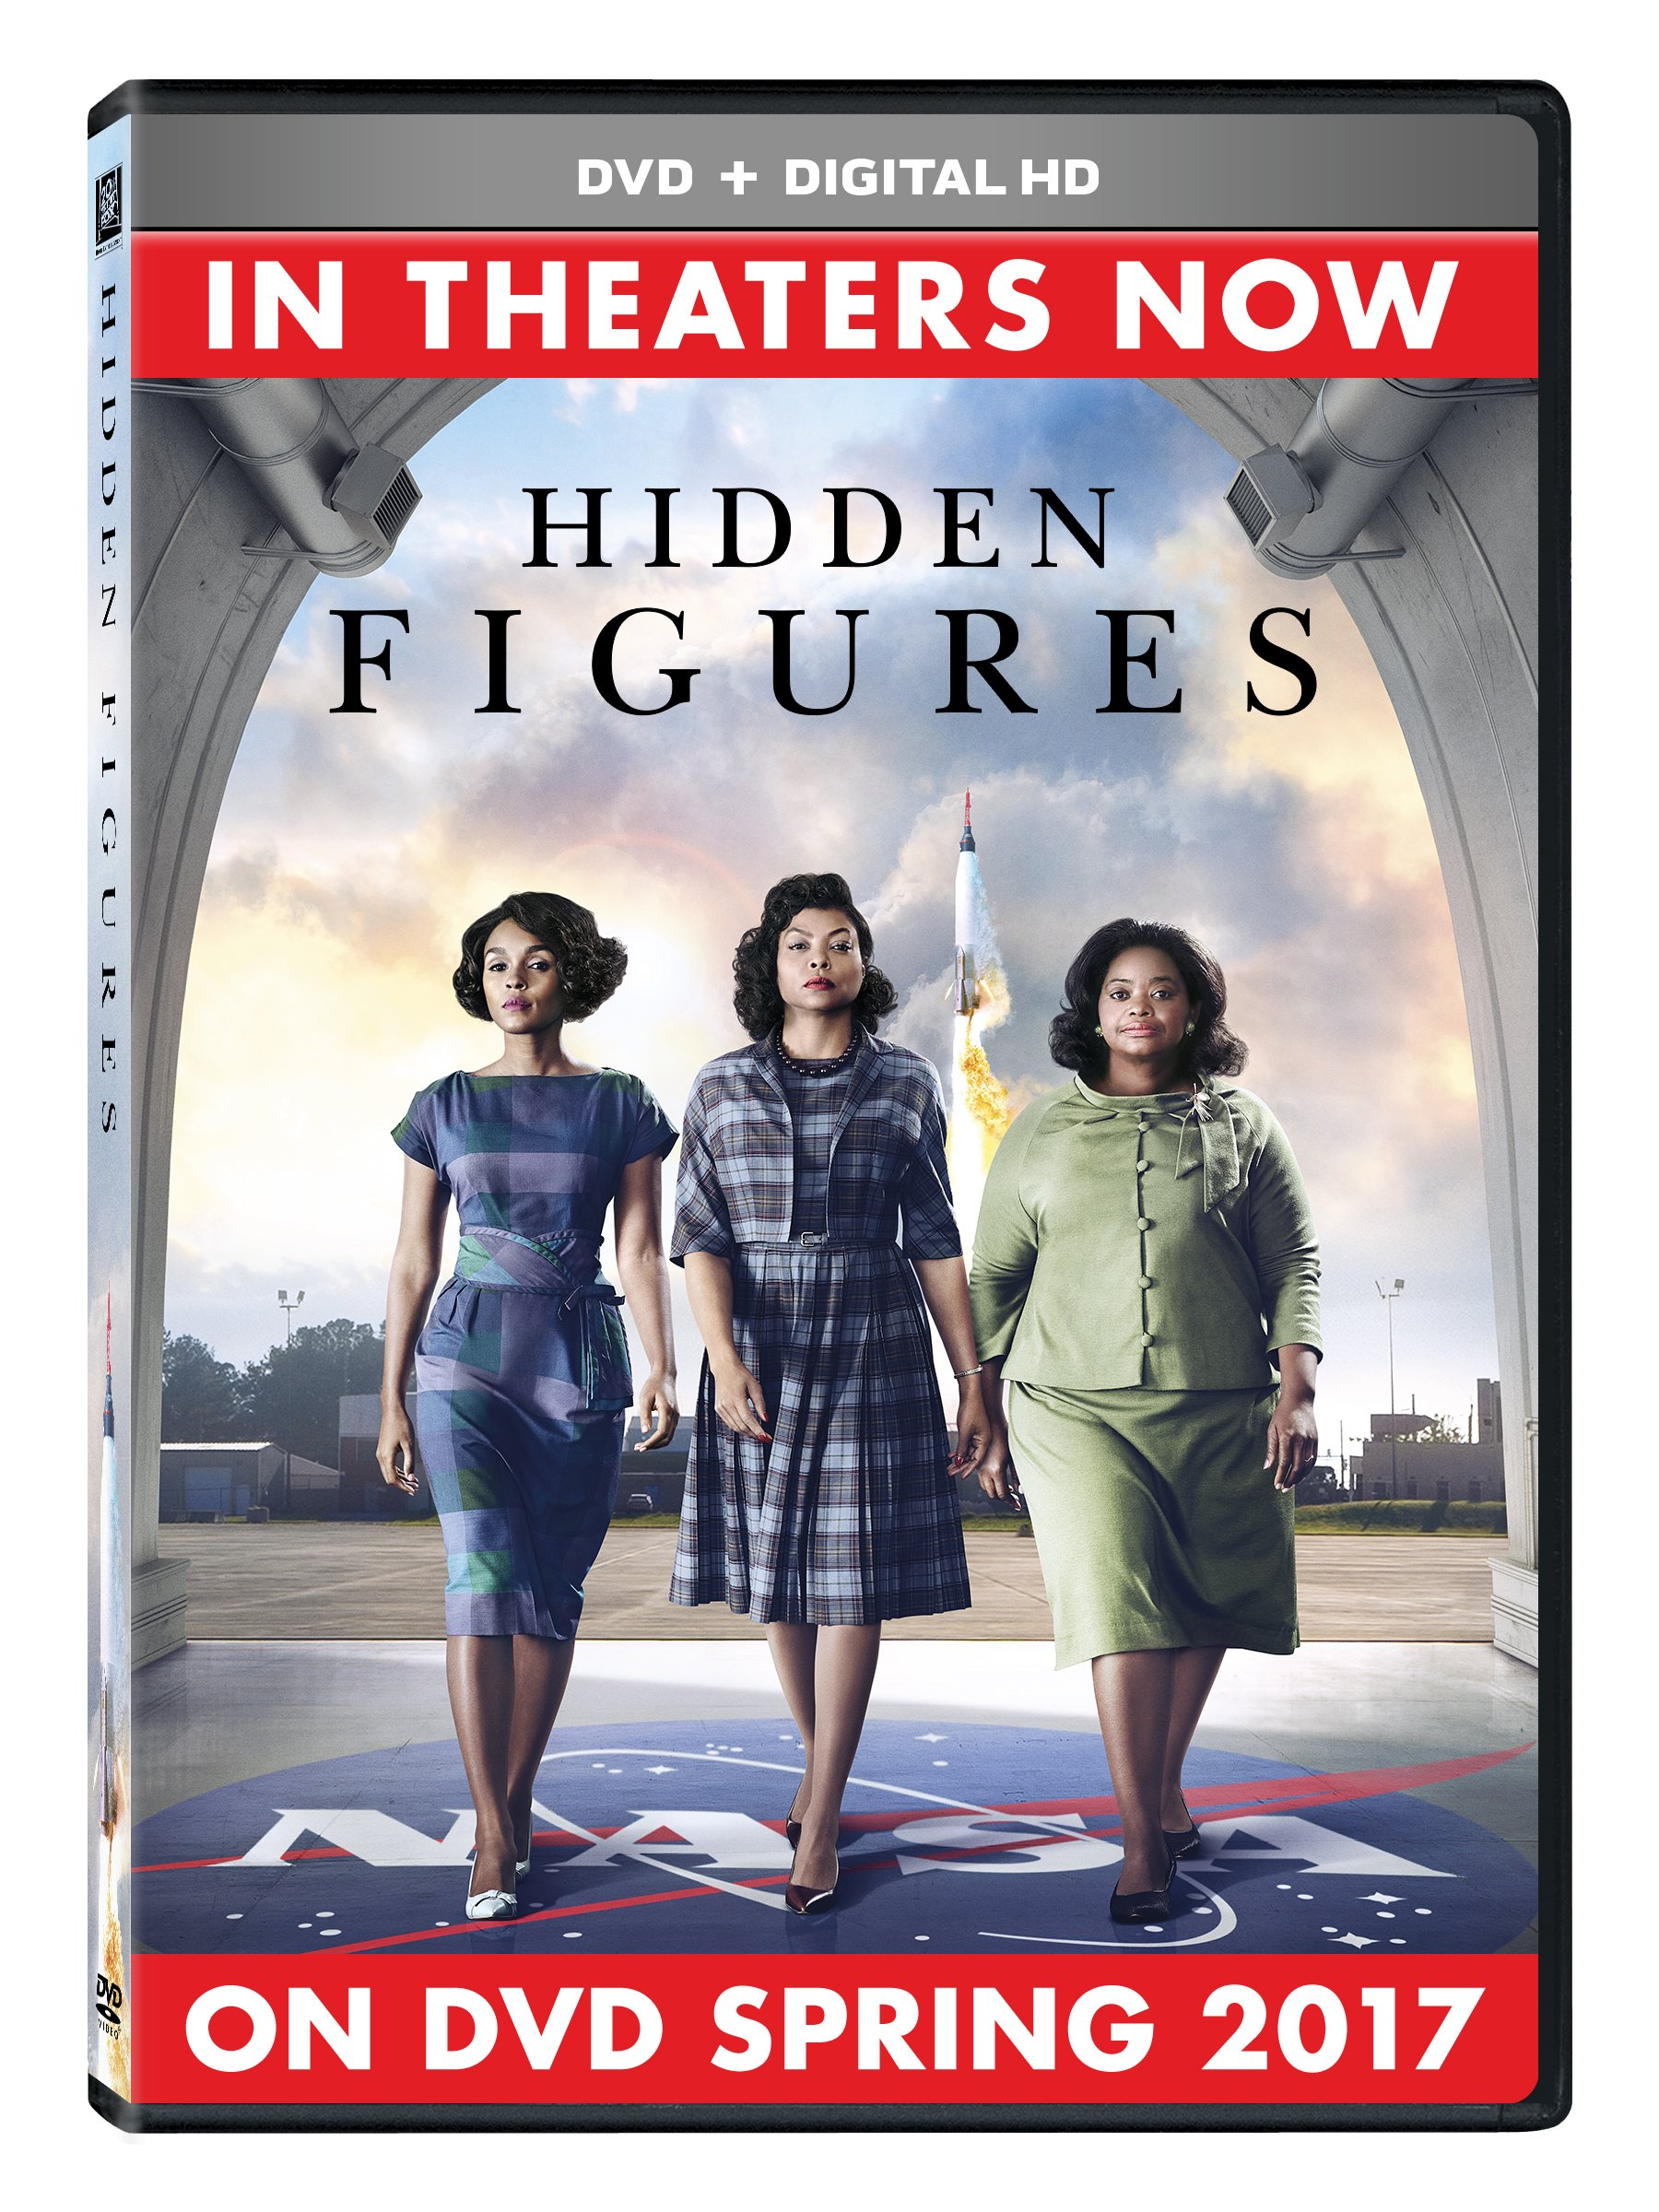 Buy Hidden Figures Now!